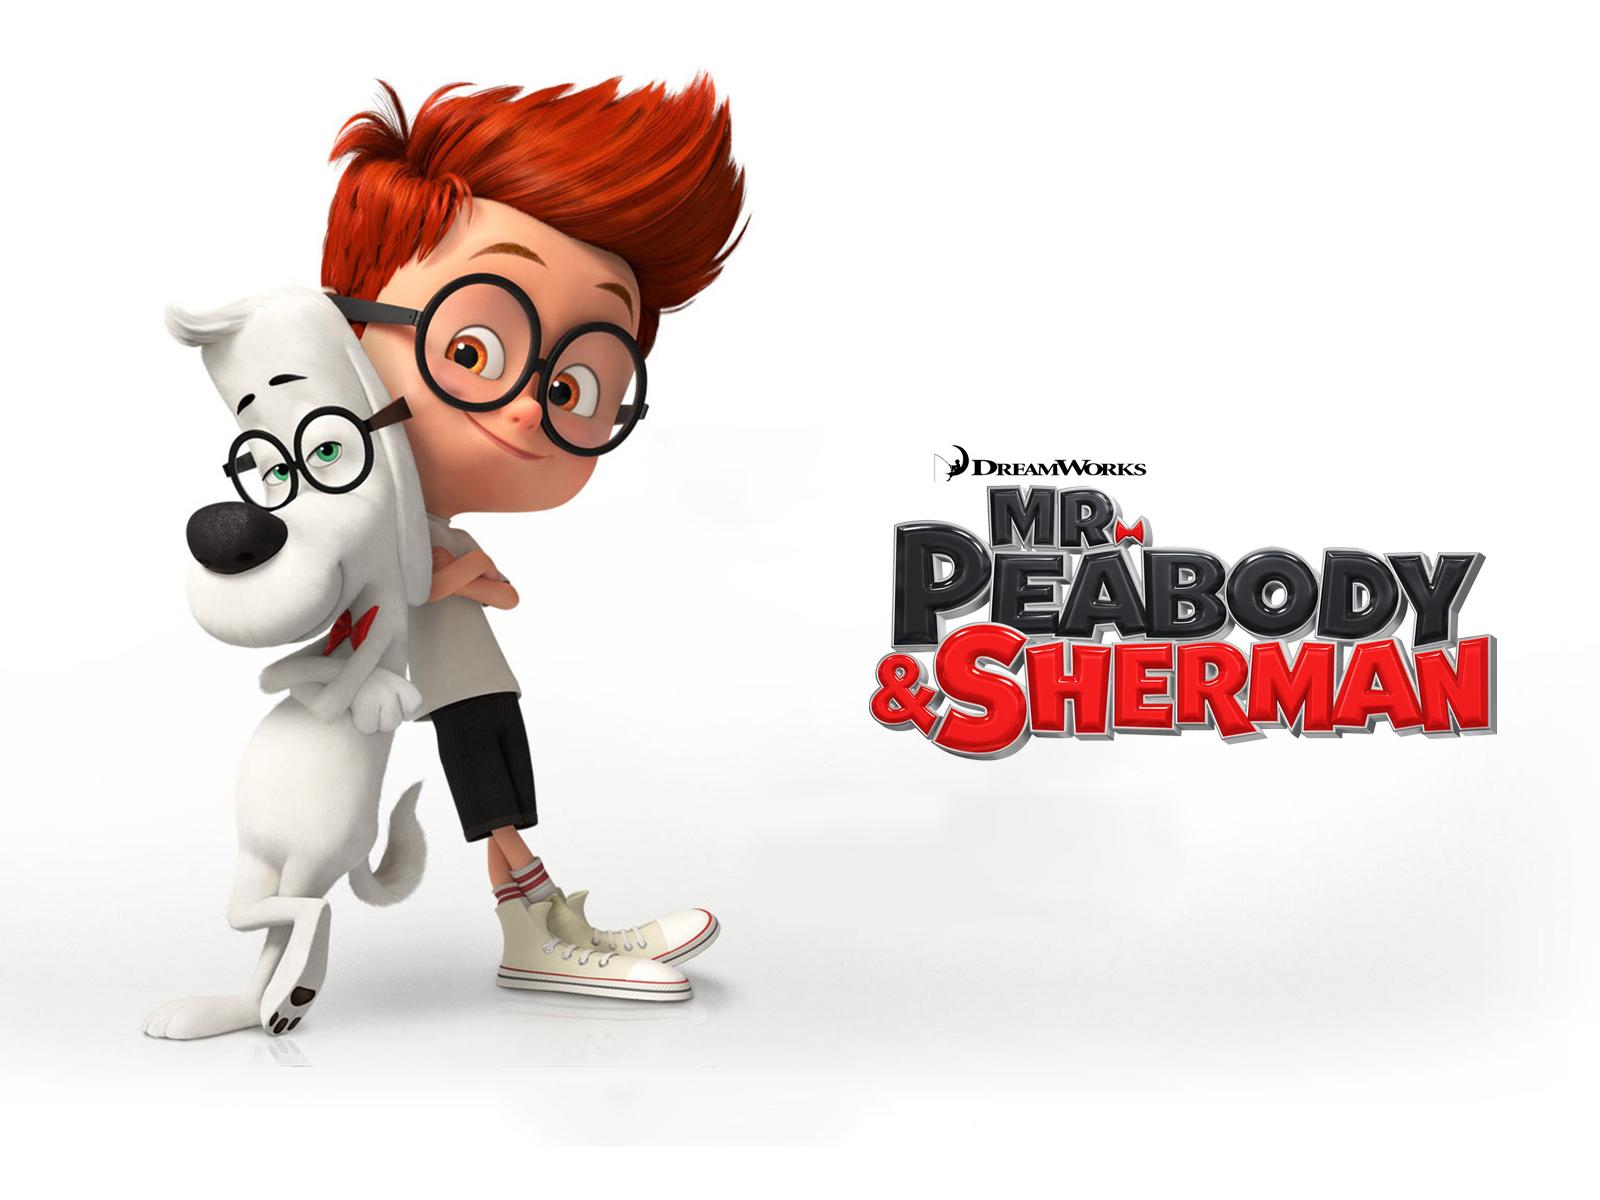 Cuộc phiêu lưu của Mr. Peabody và Sherman